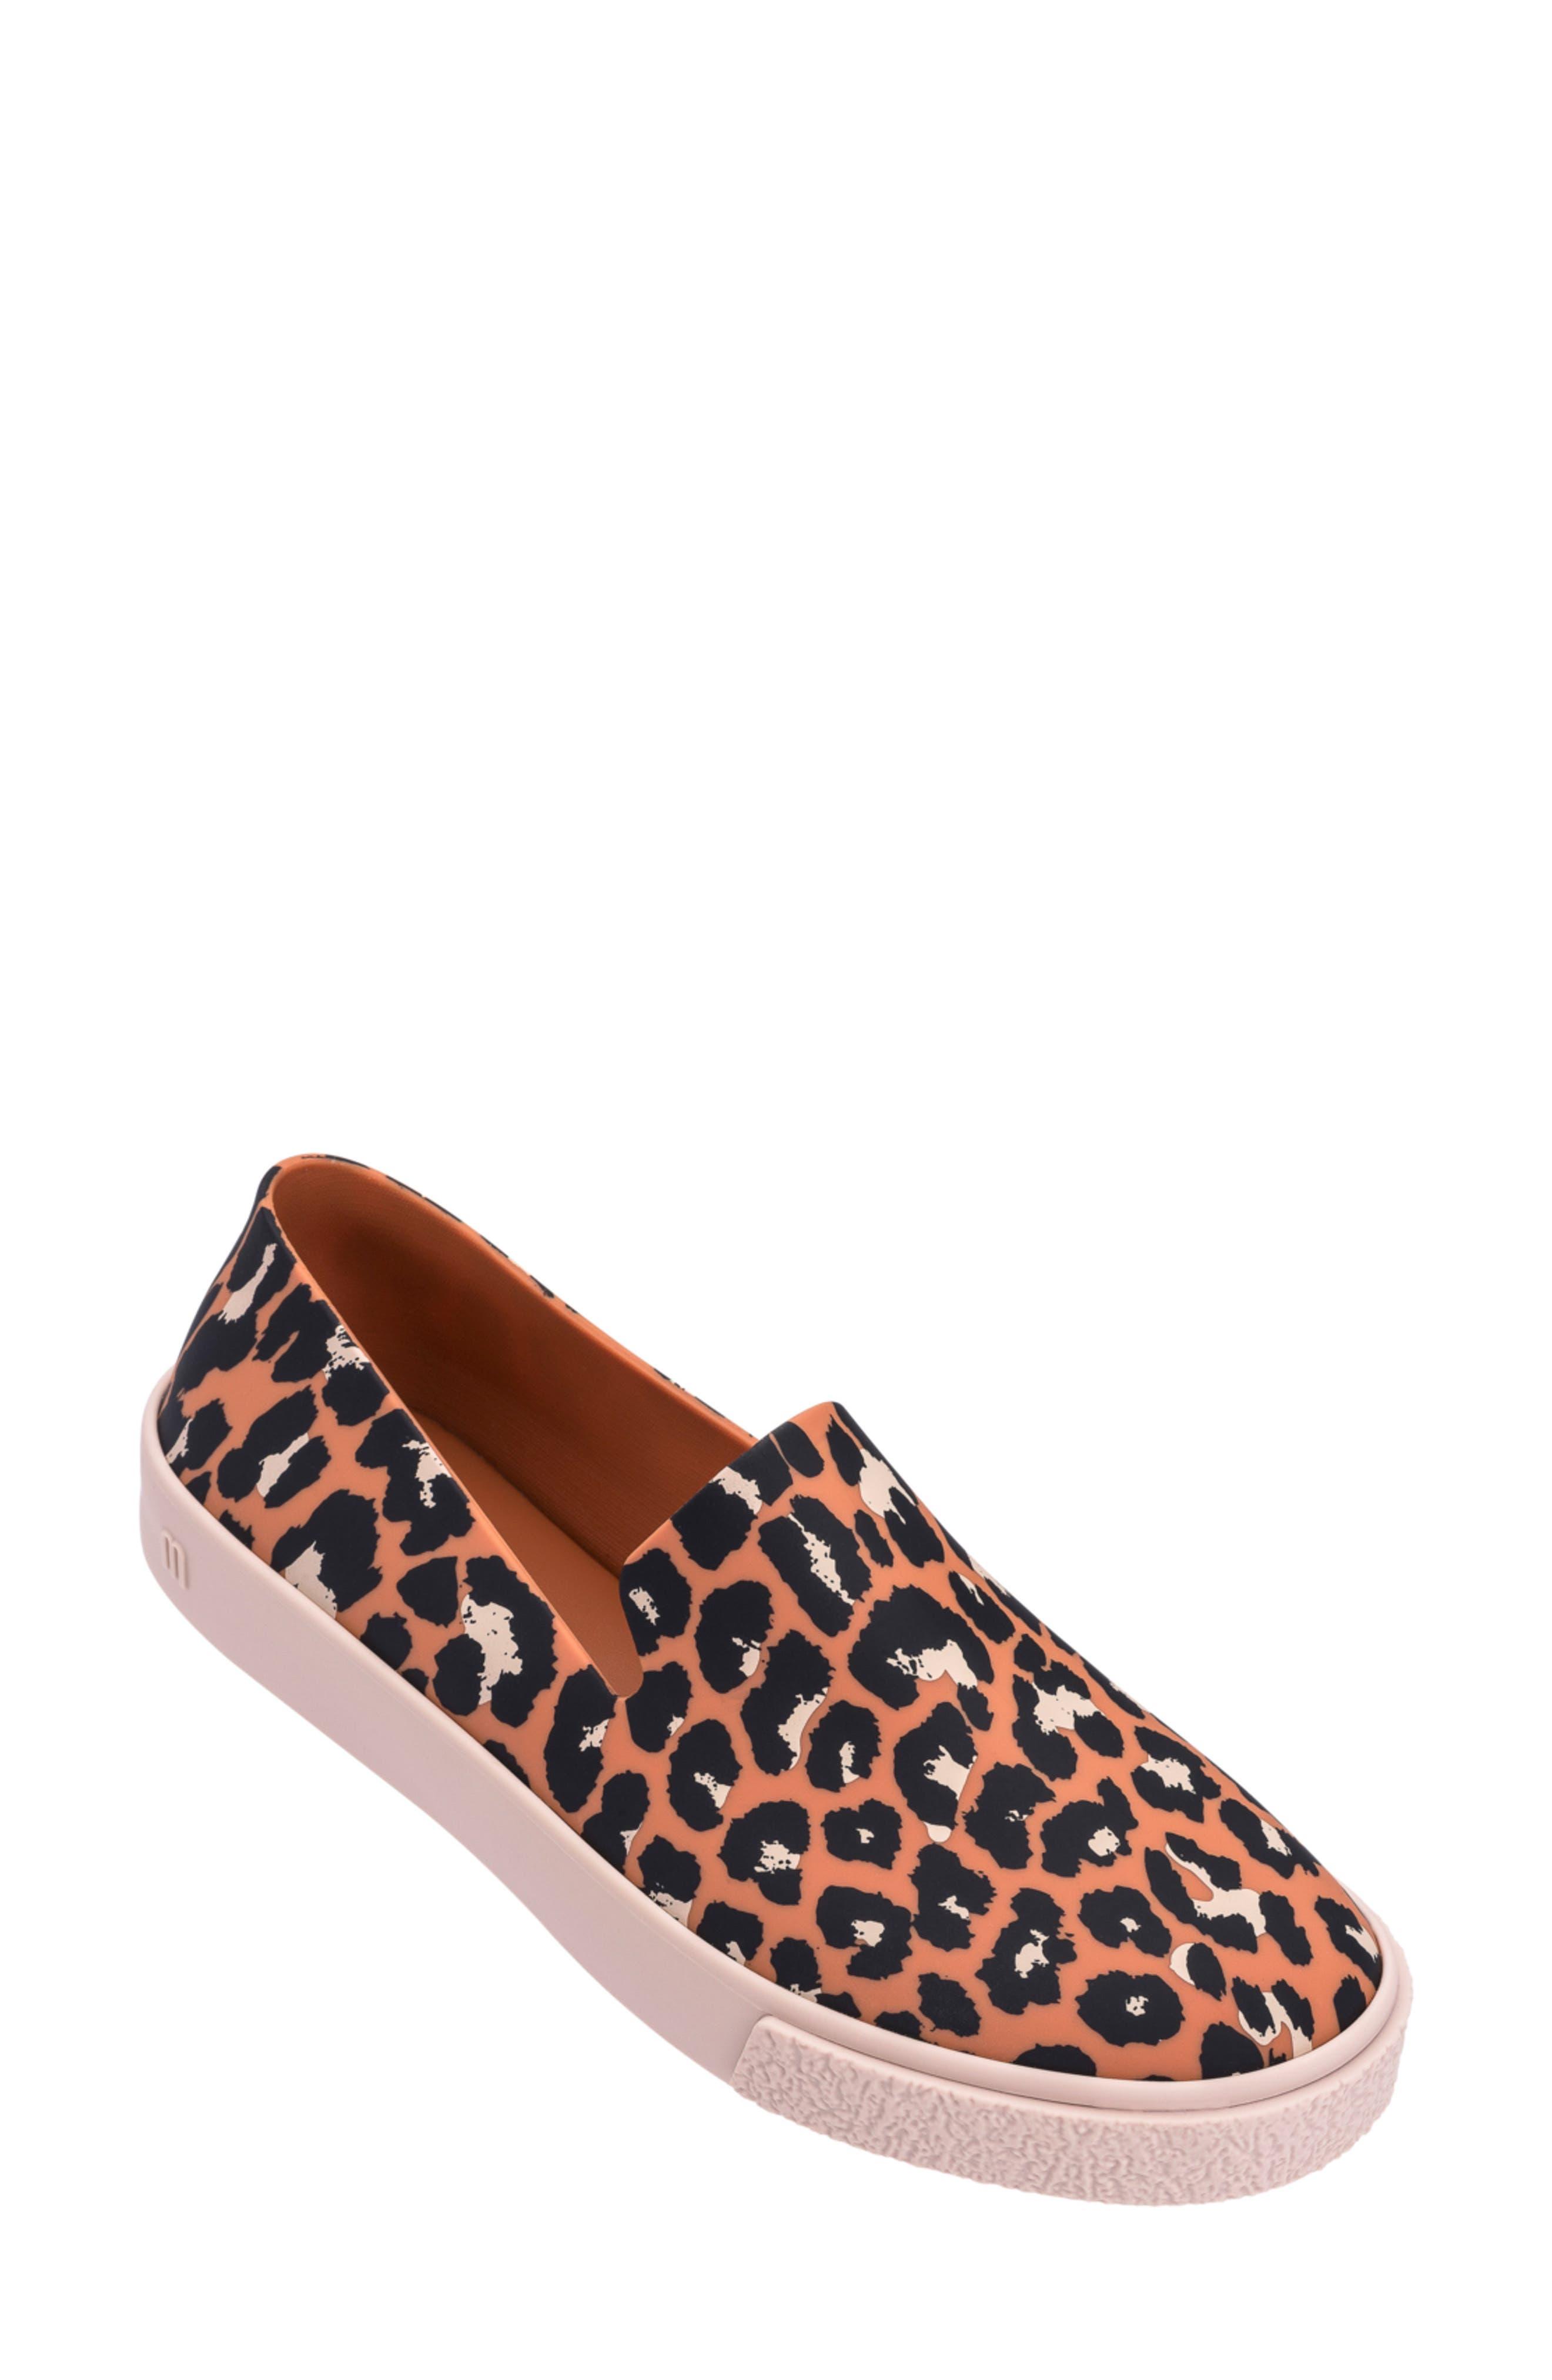 Melissa Ground Iii Slip-On Sneaker, Orange